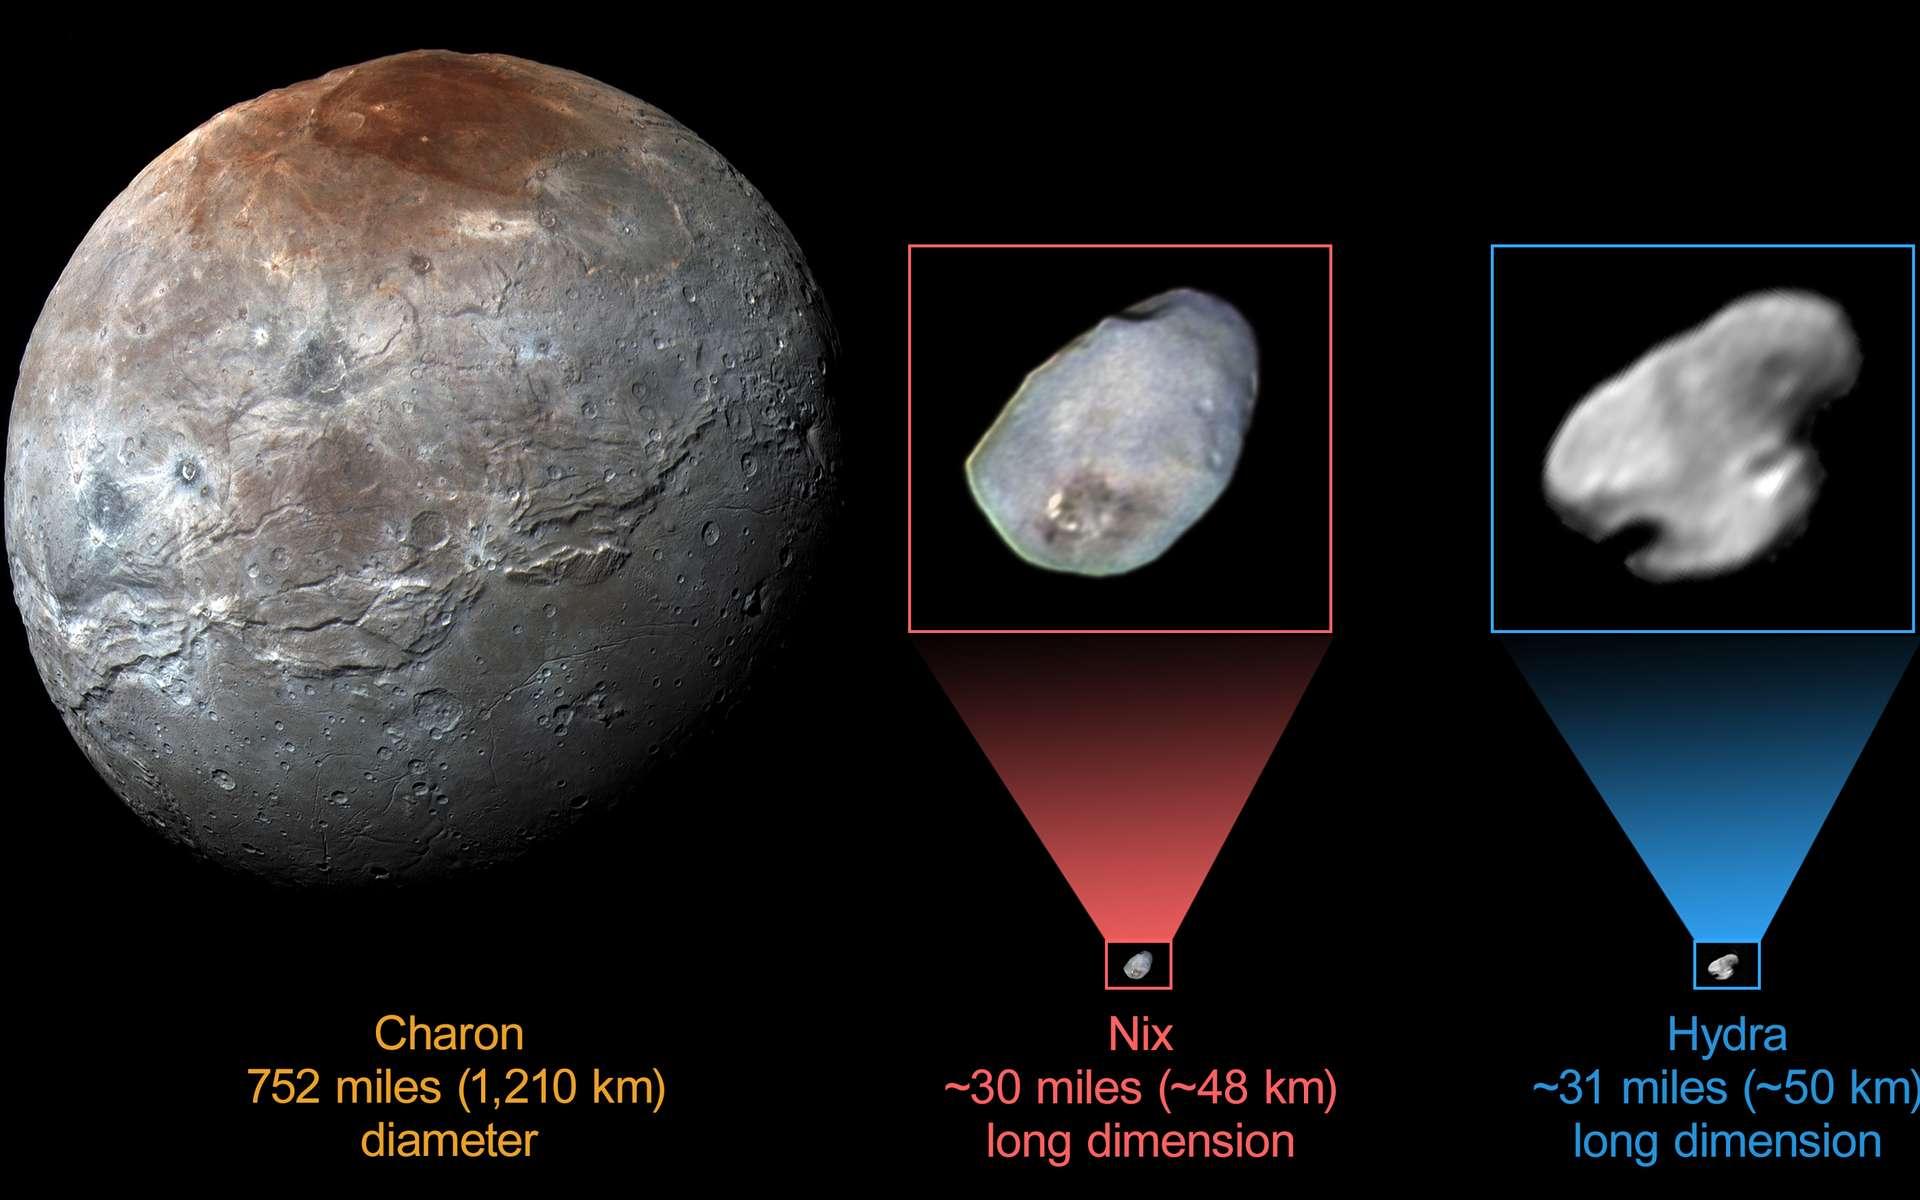 Comparaison de Charon, découvert en 1978, avec Nix et Hydre, deux satellites d'environ 50 km de long découverts en 2005. Lors de son passage dans le système de Pluton, New Horizons a pu imager en couleur Charon et Nix, mais pas Hydre, la plus externe de toutes. © Nasa, JHUAPL, SwRI